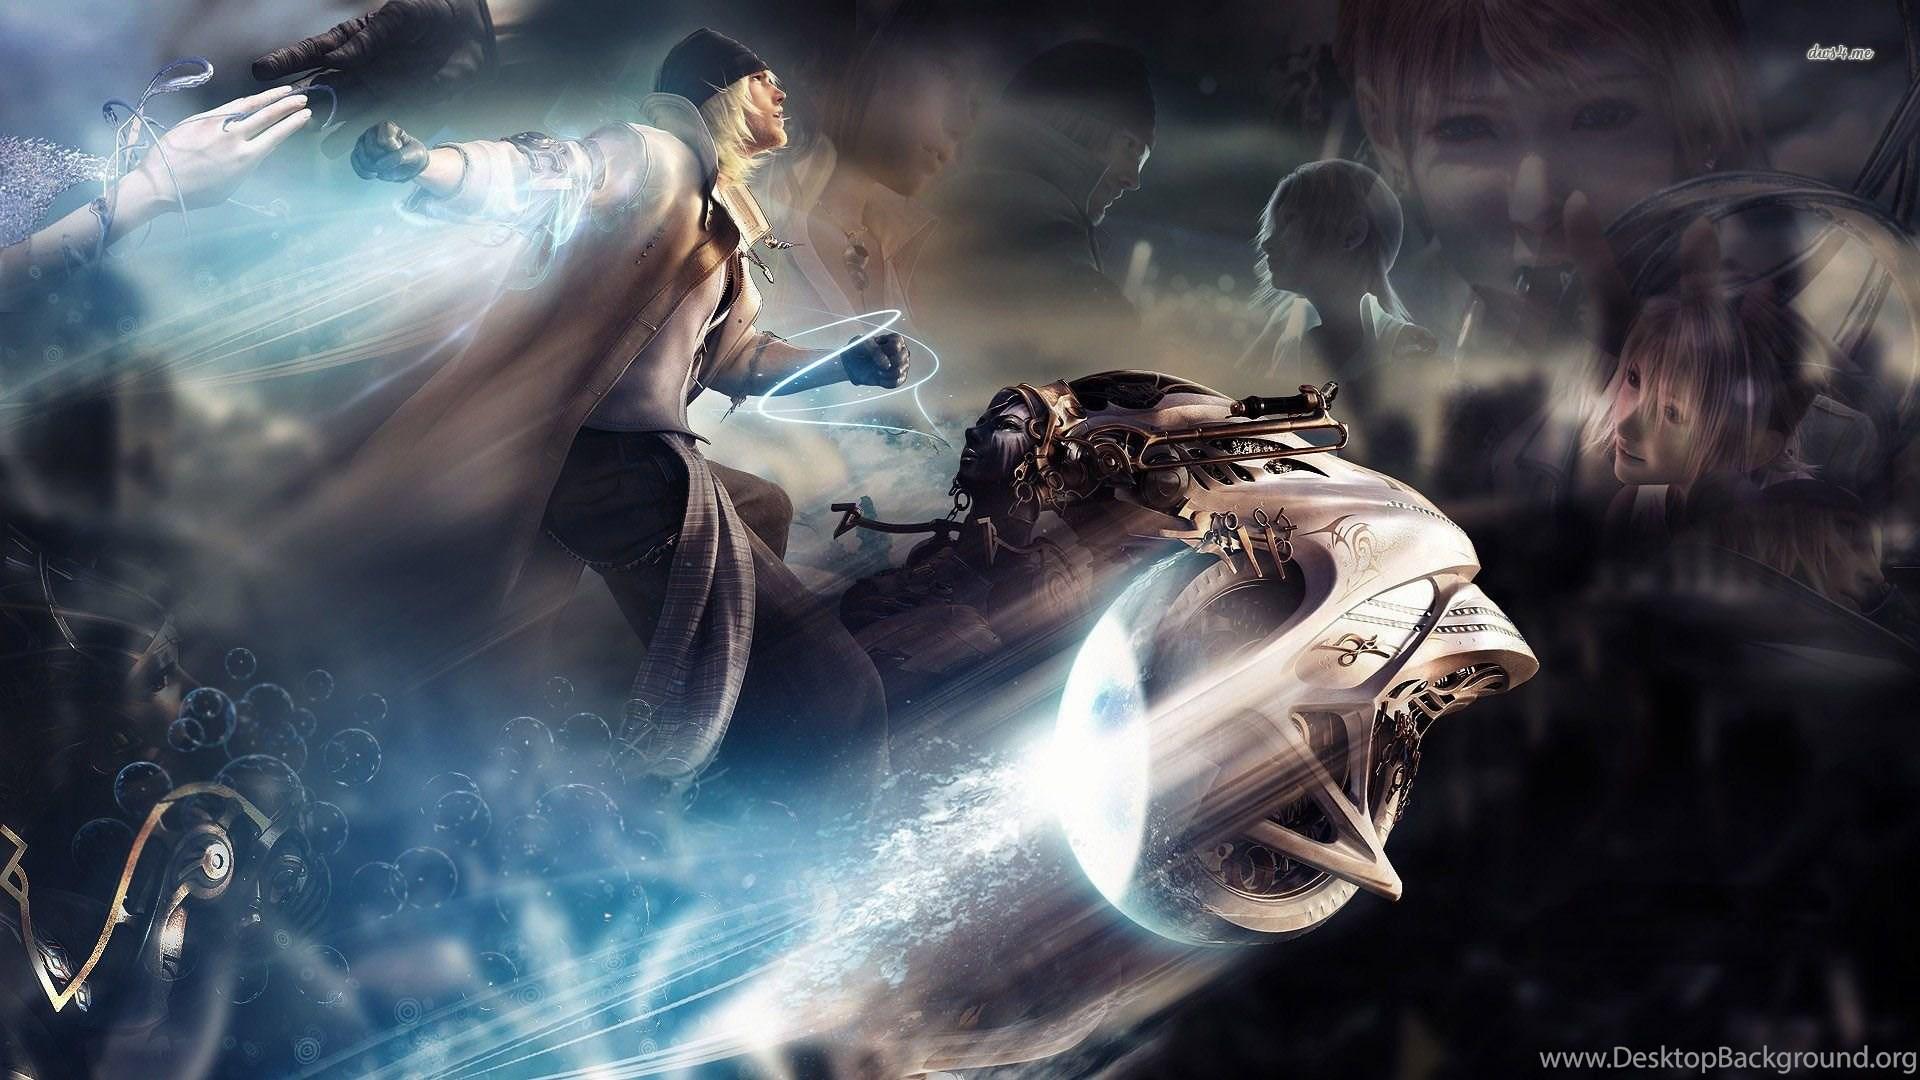 Wallpapers Hd Final Fantasy Xiii Desktop Background